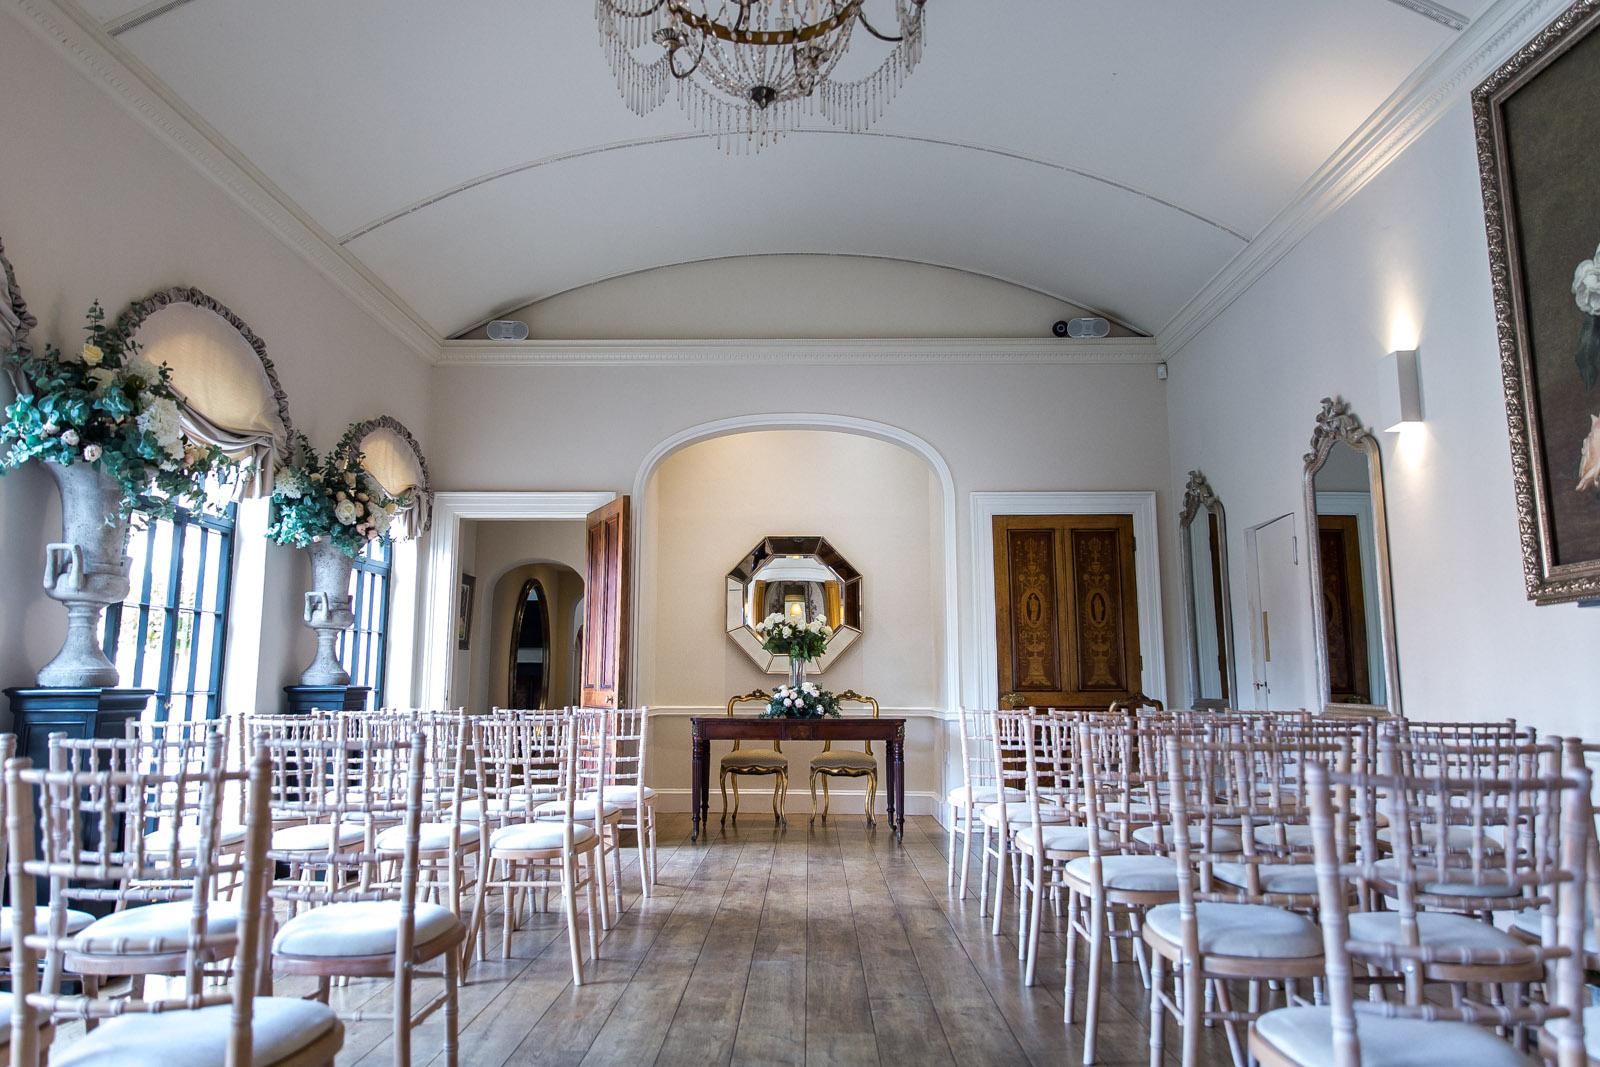 Alrewas Hayes Civil Ceremony Licenced wedding venue-4.jpg